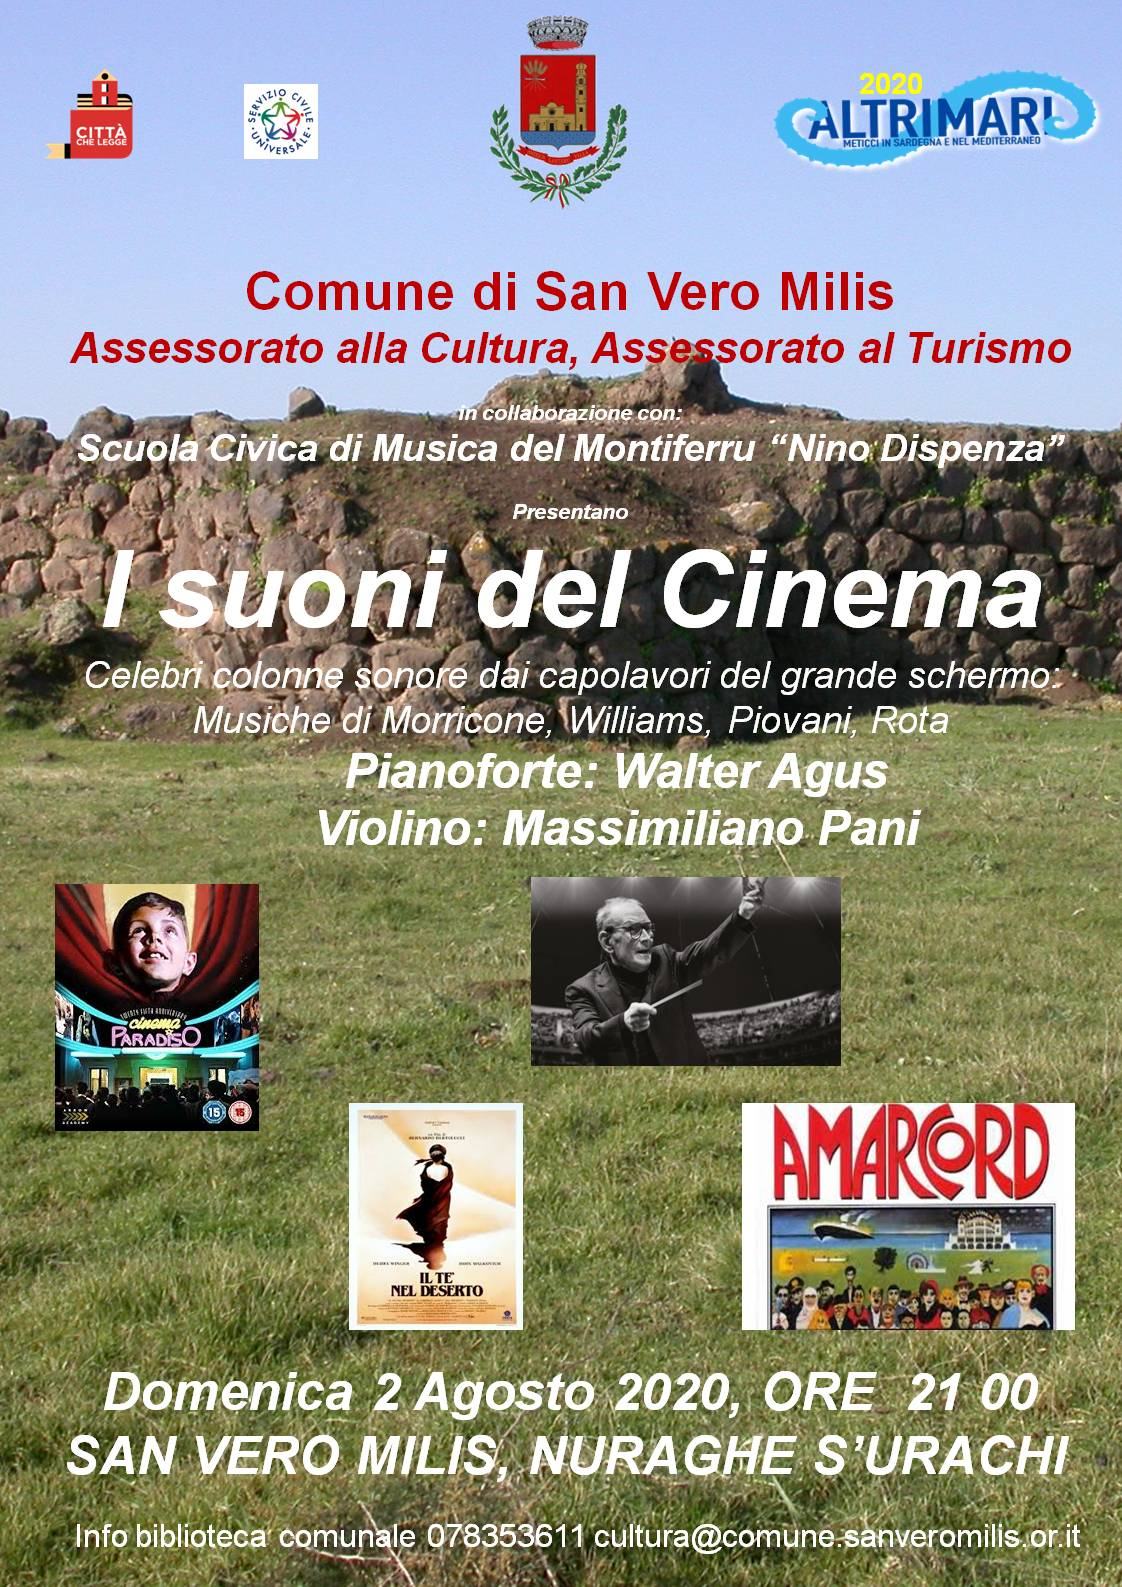 Altrimari – Concerto il 2 agosto 2020 Nuraghe S'Urachi – San Vero Milis